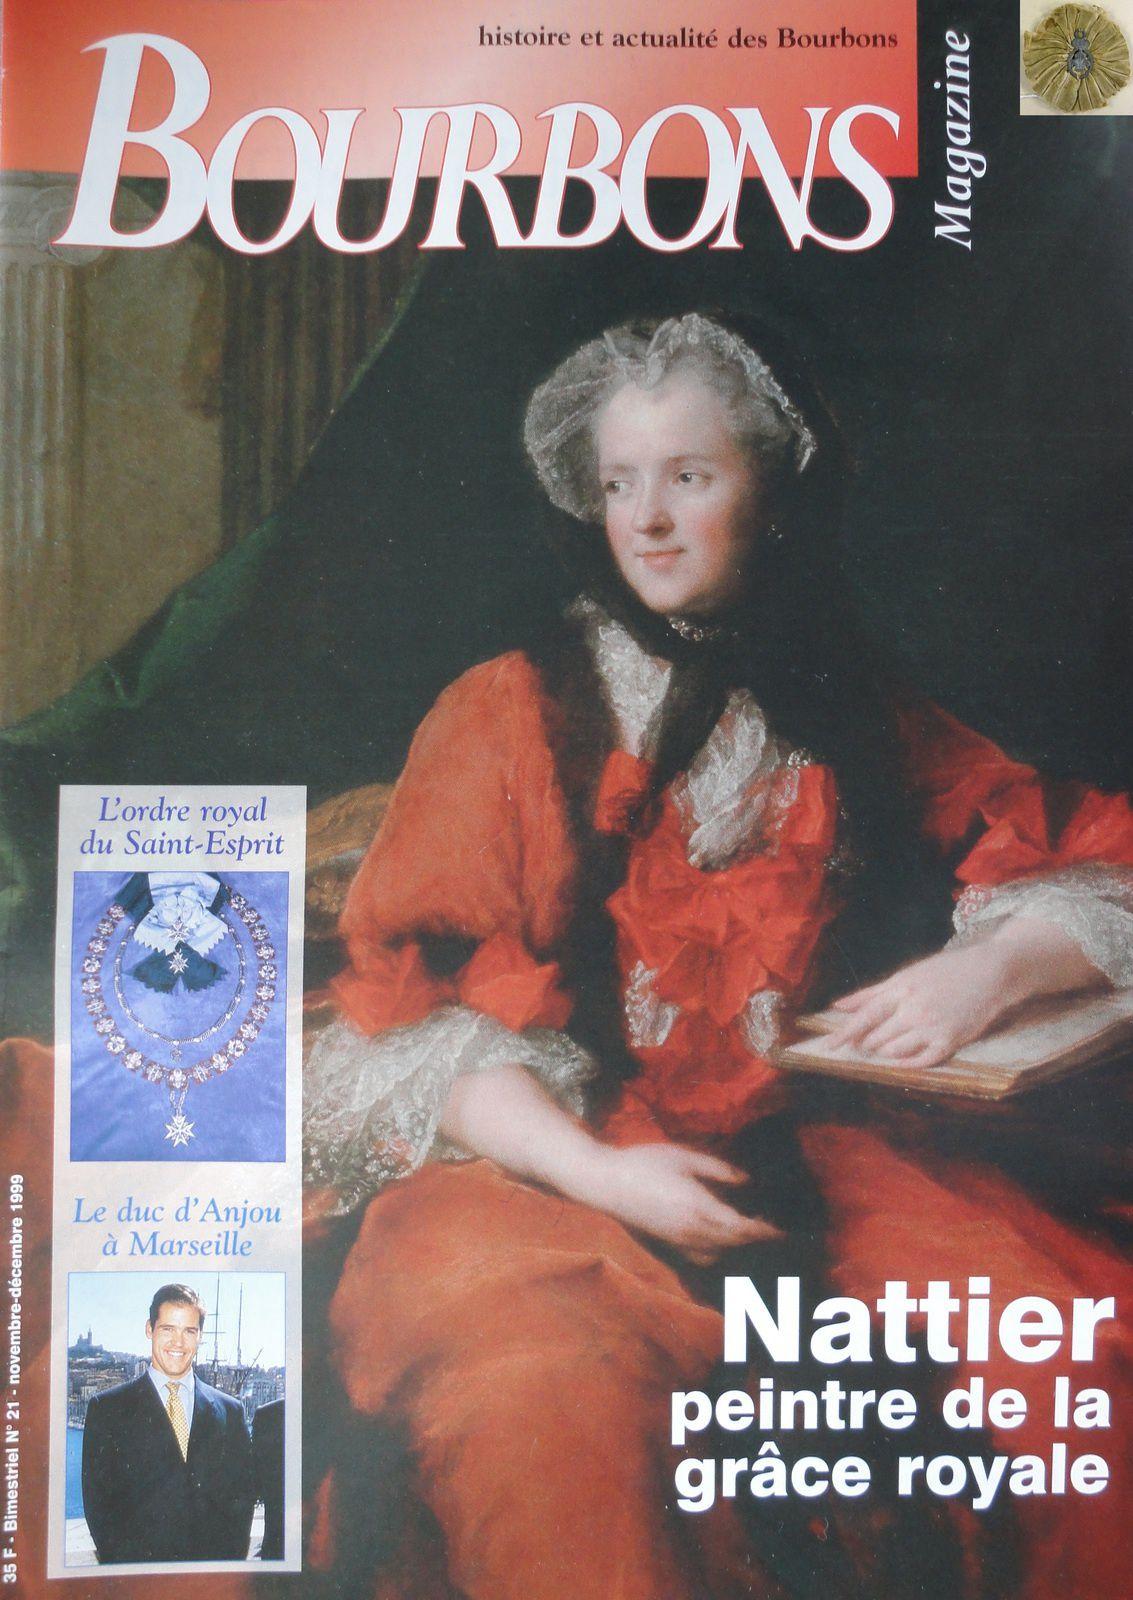 BOURBONS MAGAZINE NUMÉRO 21 - NOVEMBRE-DÉCEMBRE 1999 (BIMESTRIEL 35 F)